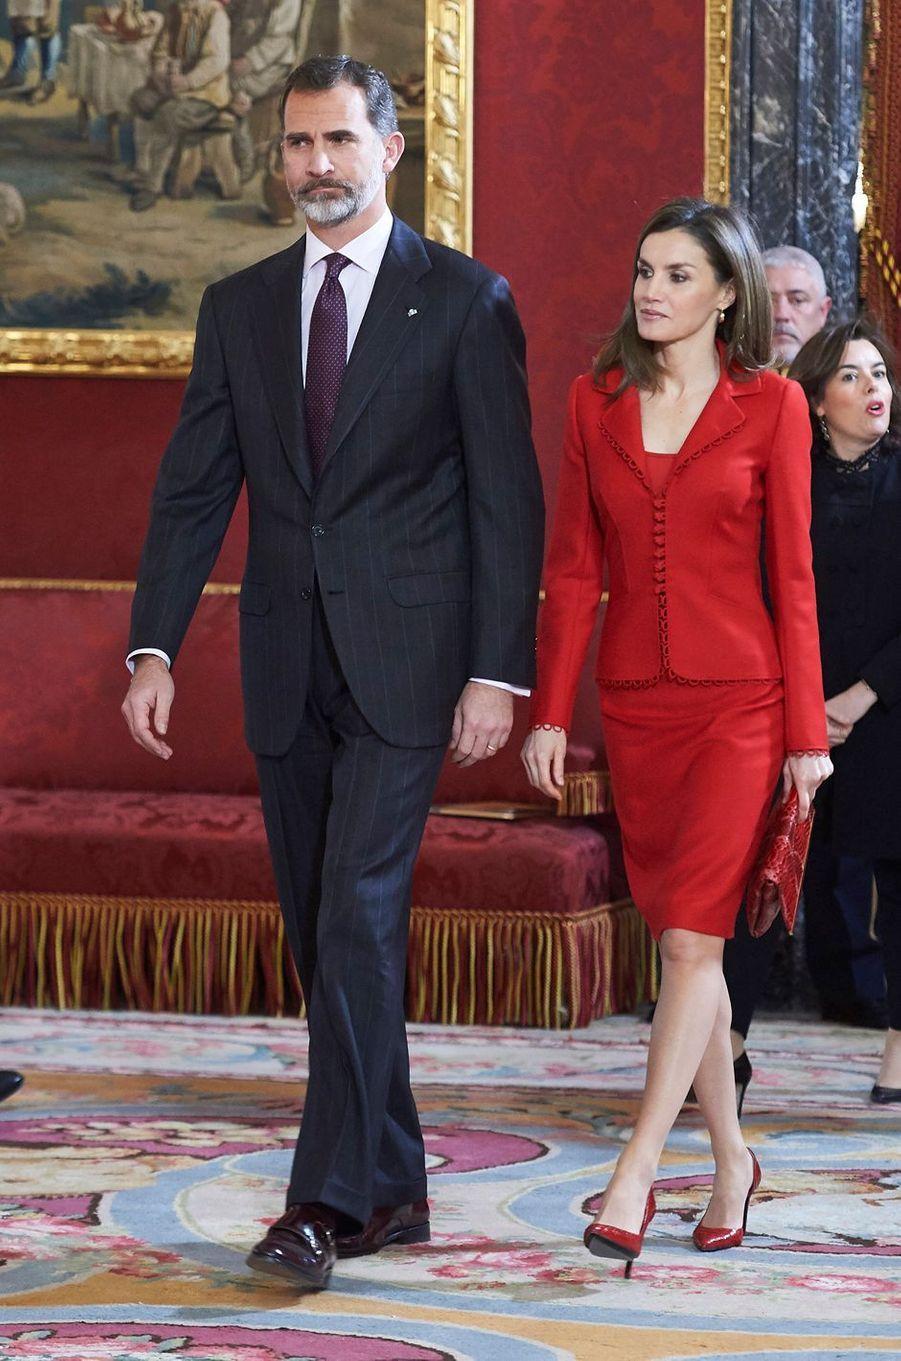 La reine Letizia et le roi Felipe VI d'Espagne à Madrid, le 30 janvier 2017 jour de l'anniversaire du souverain